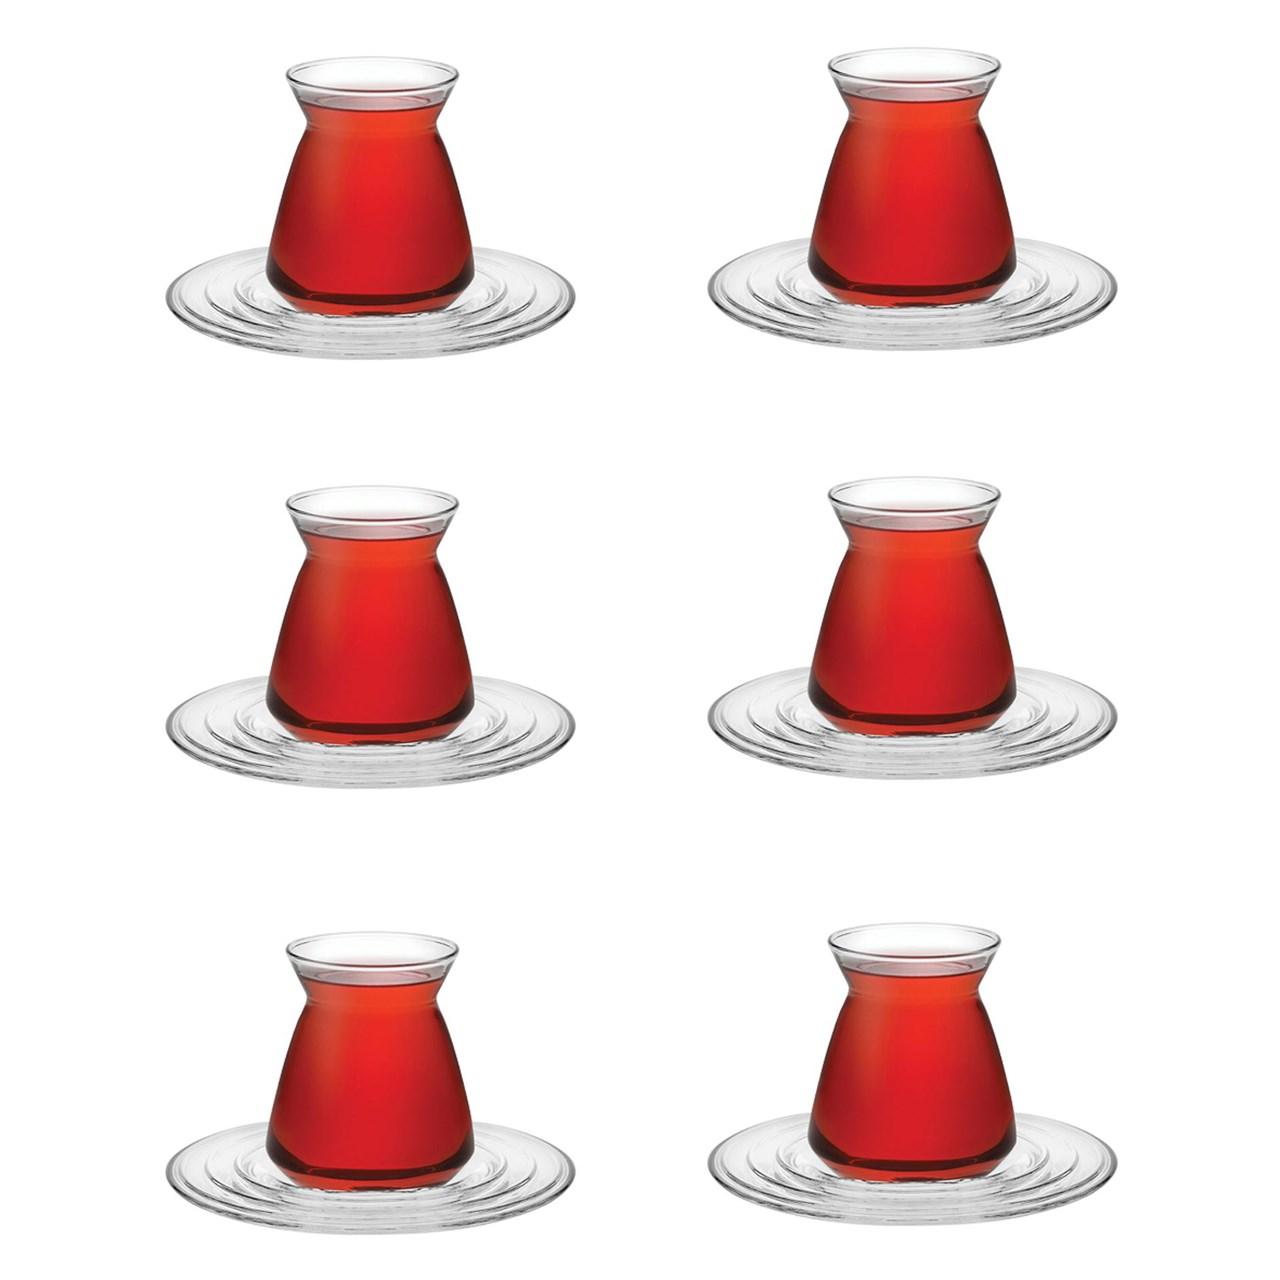 استکان پاشاباغچه سری Samanyolu کد 96573 بسته 6 عددی